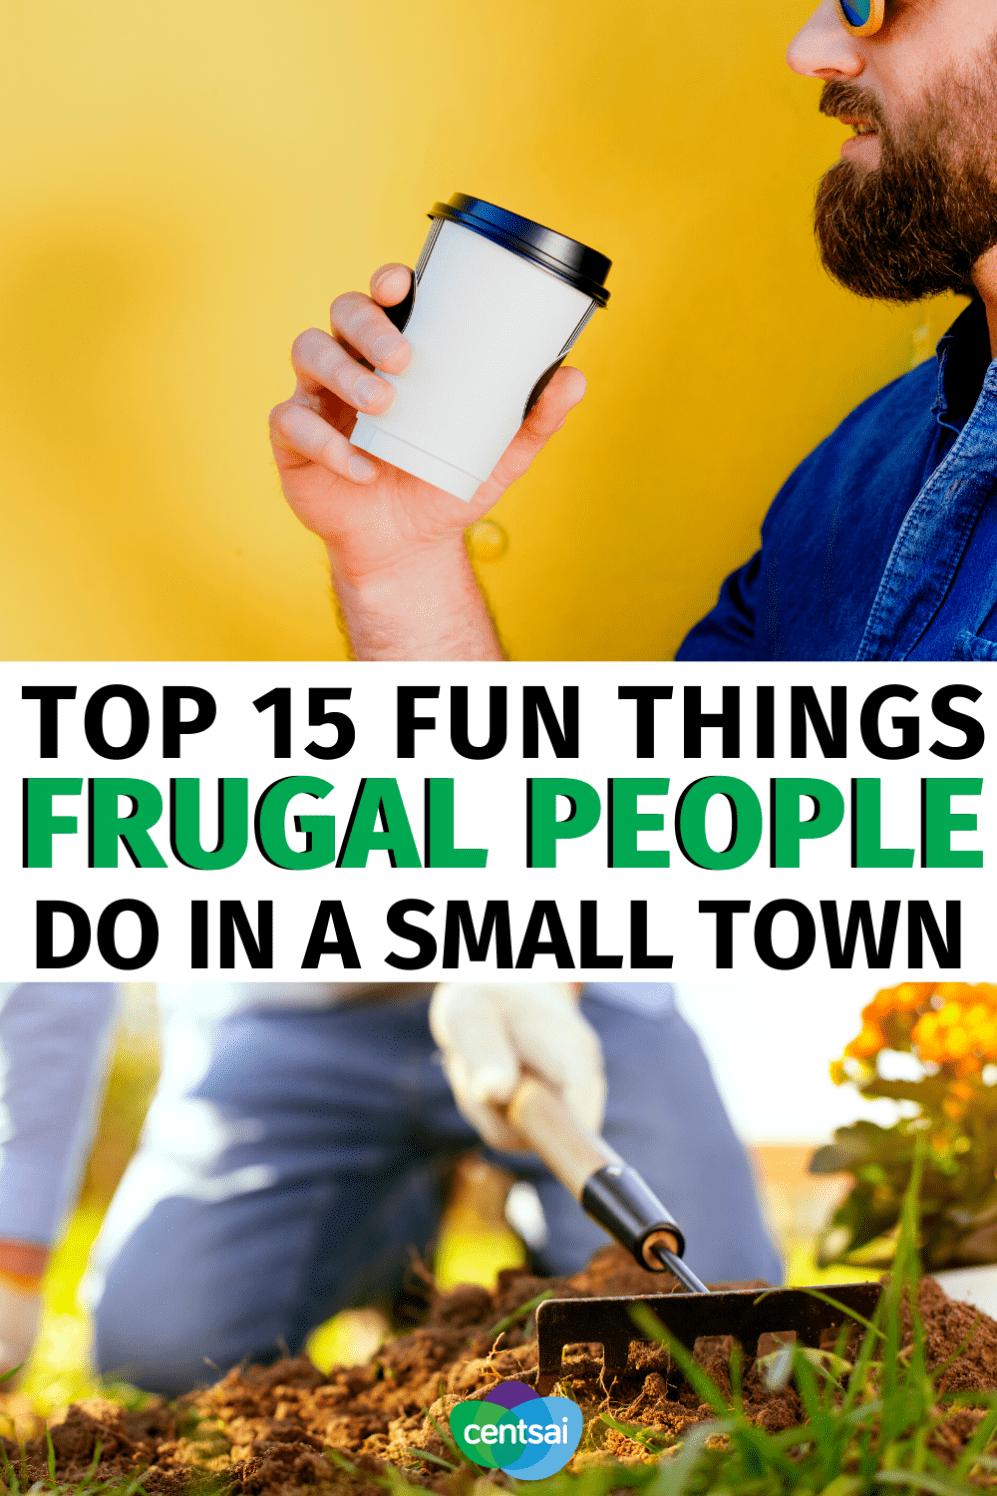 15 cosas divertidas que la gente frugal hace en un pueblo pequeño